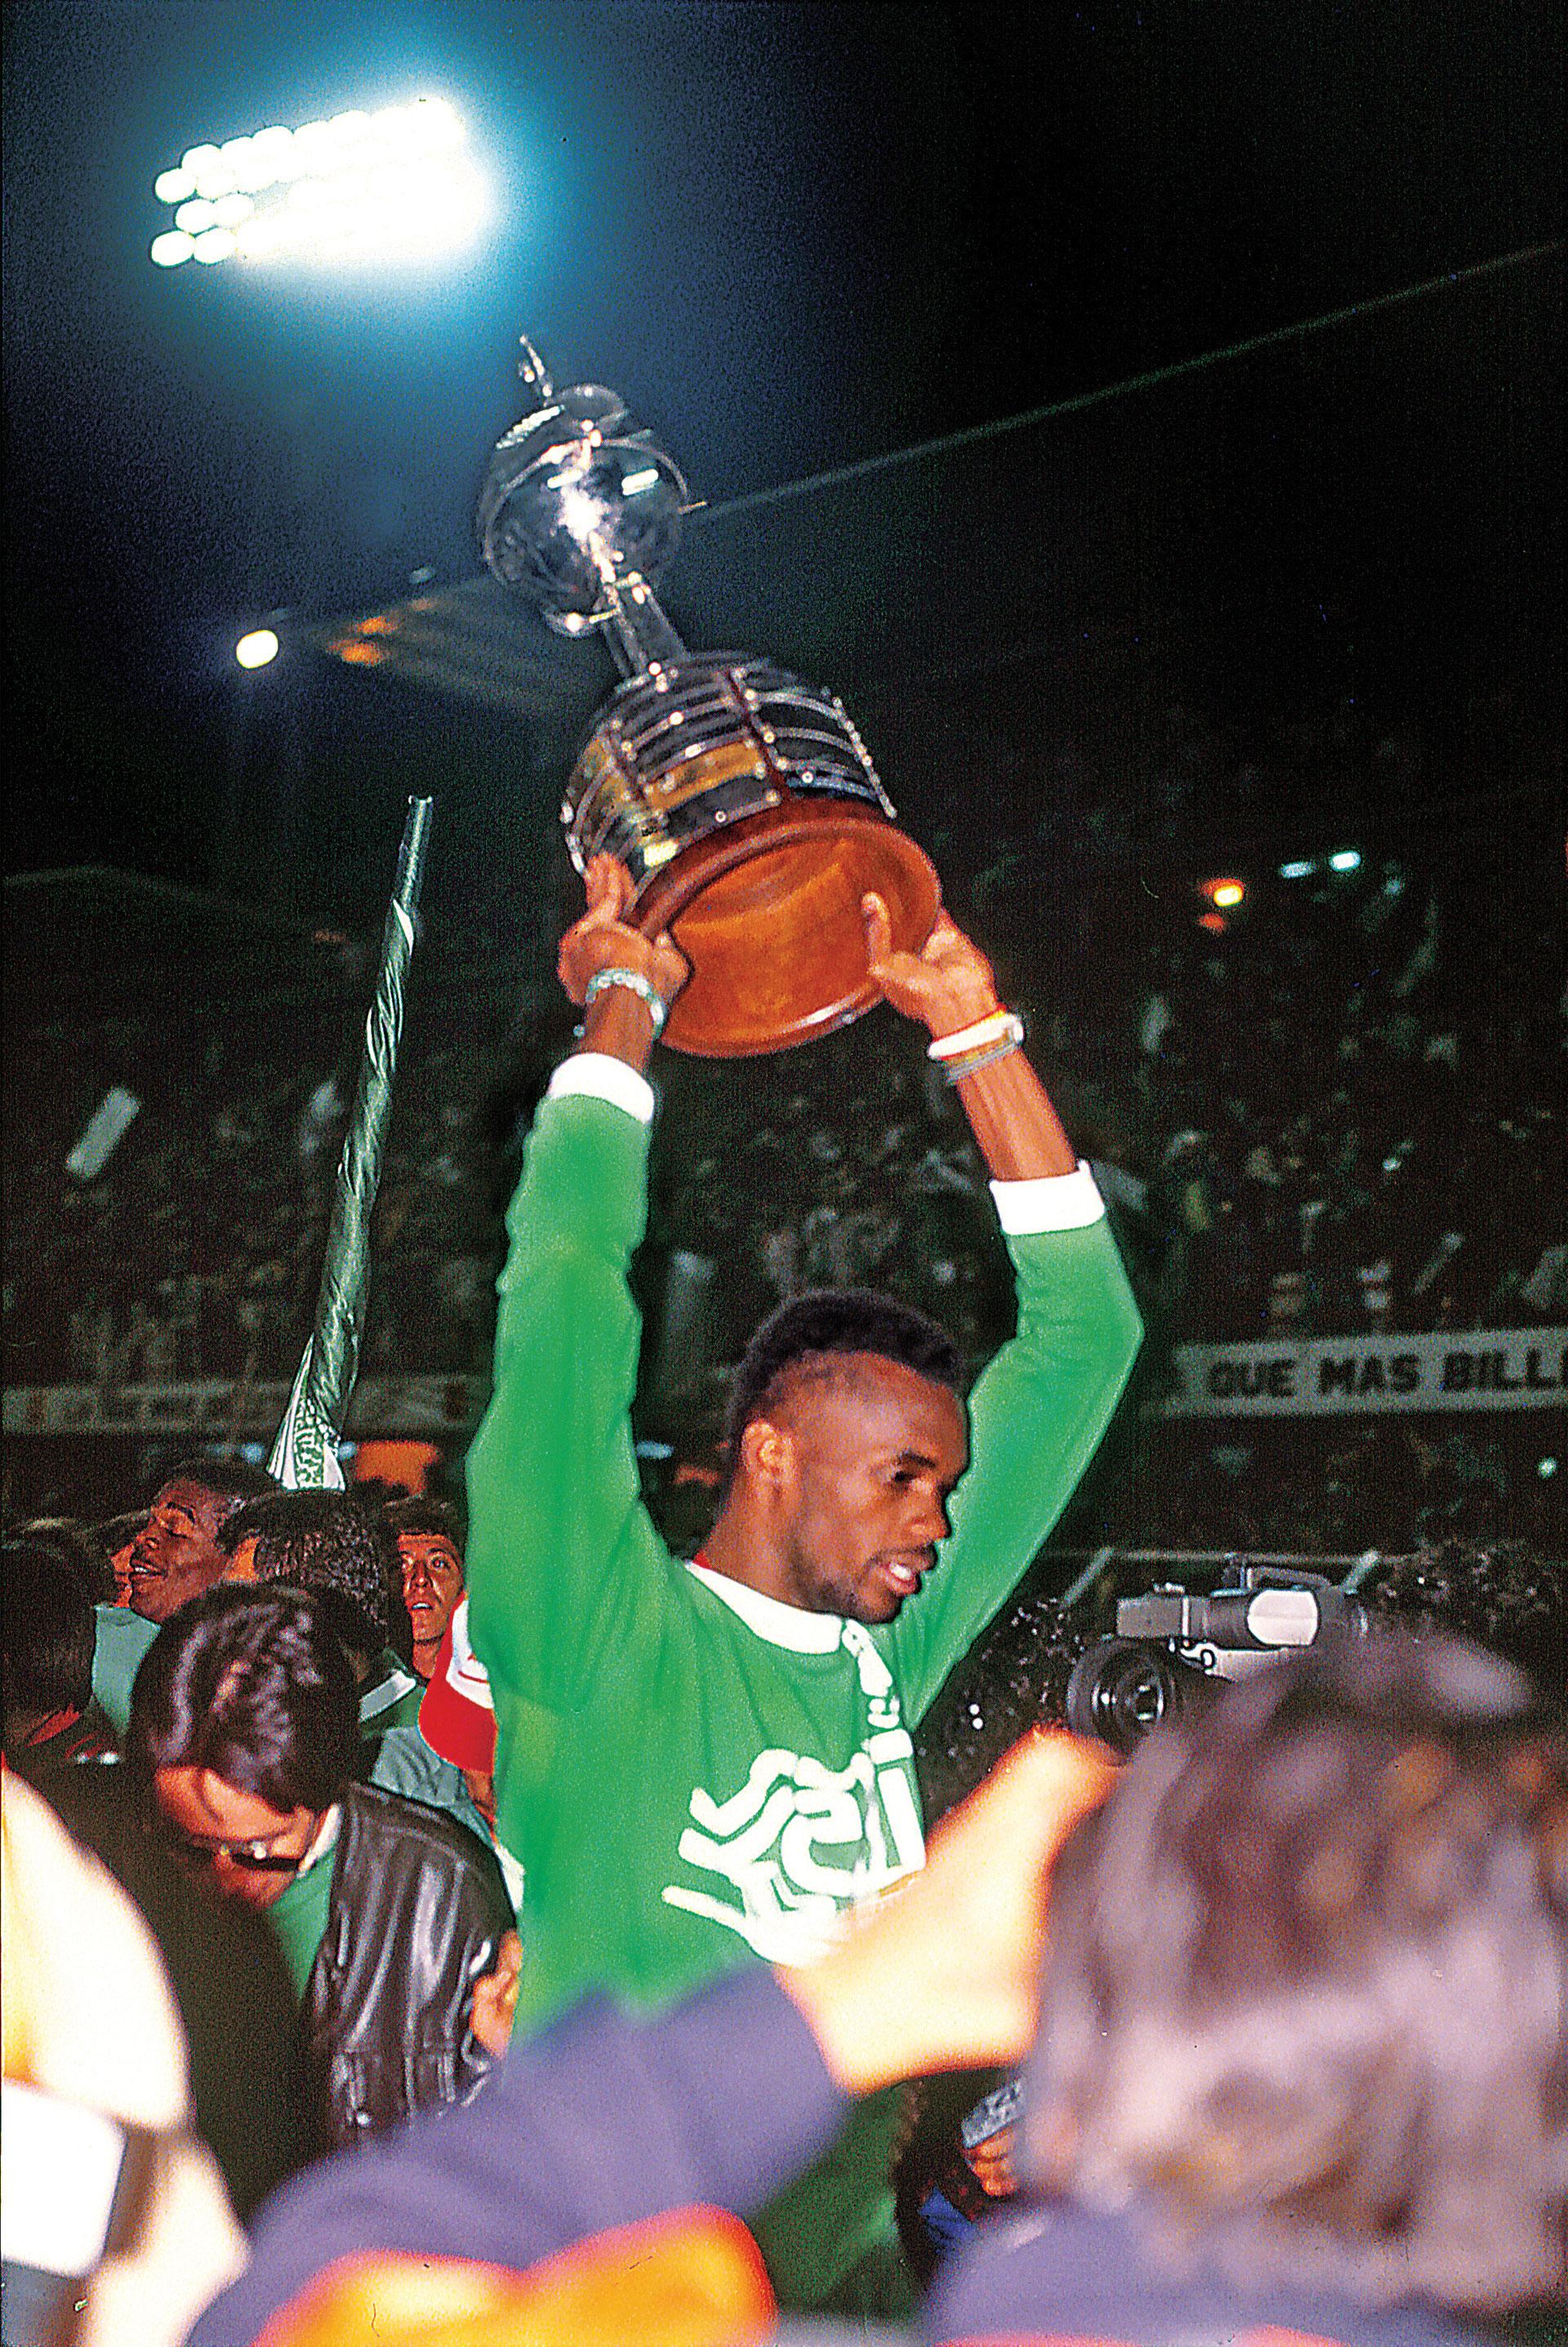 Usuriaga celebra con la Copa Libertadores en sus manos